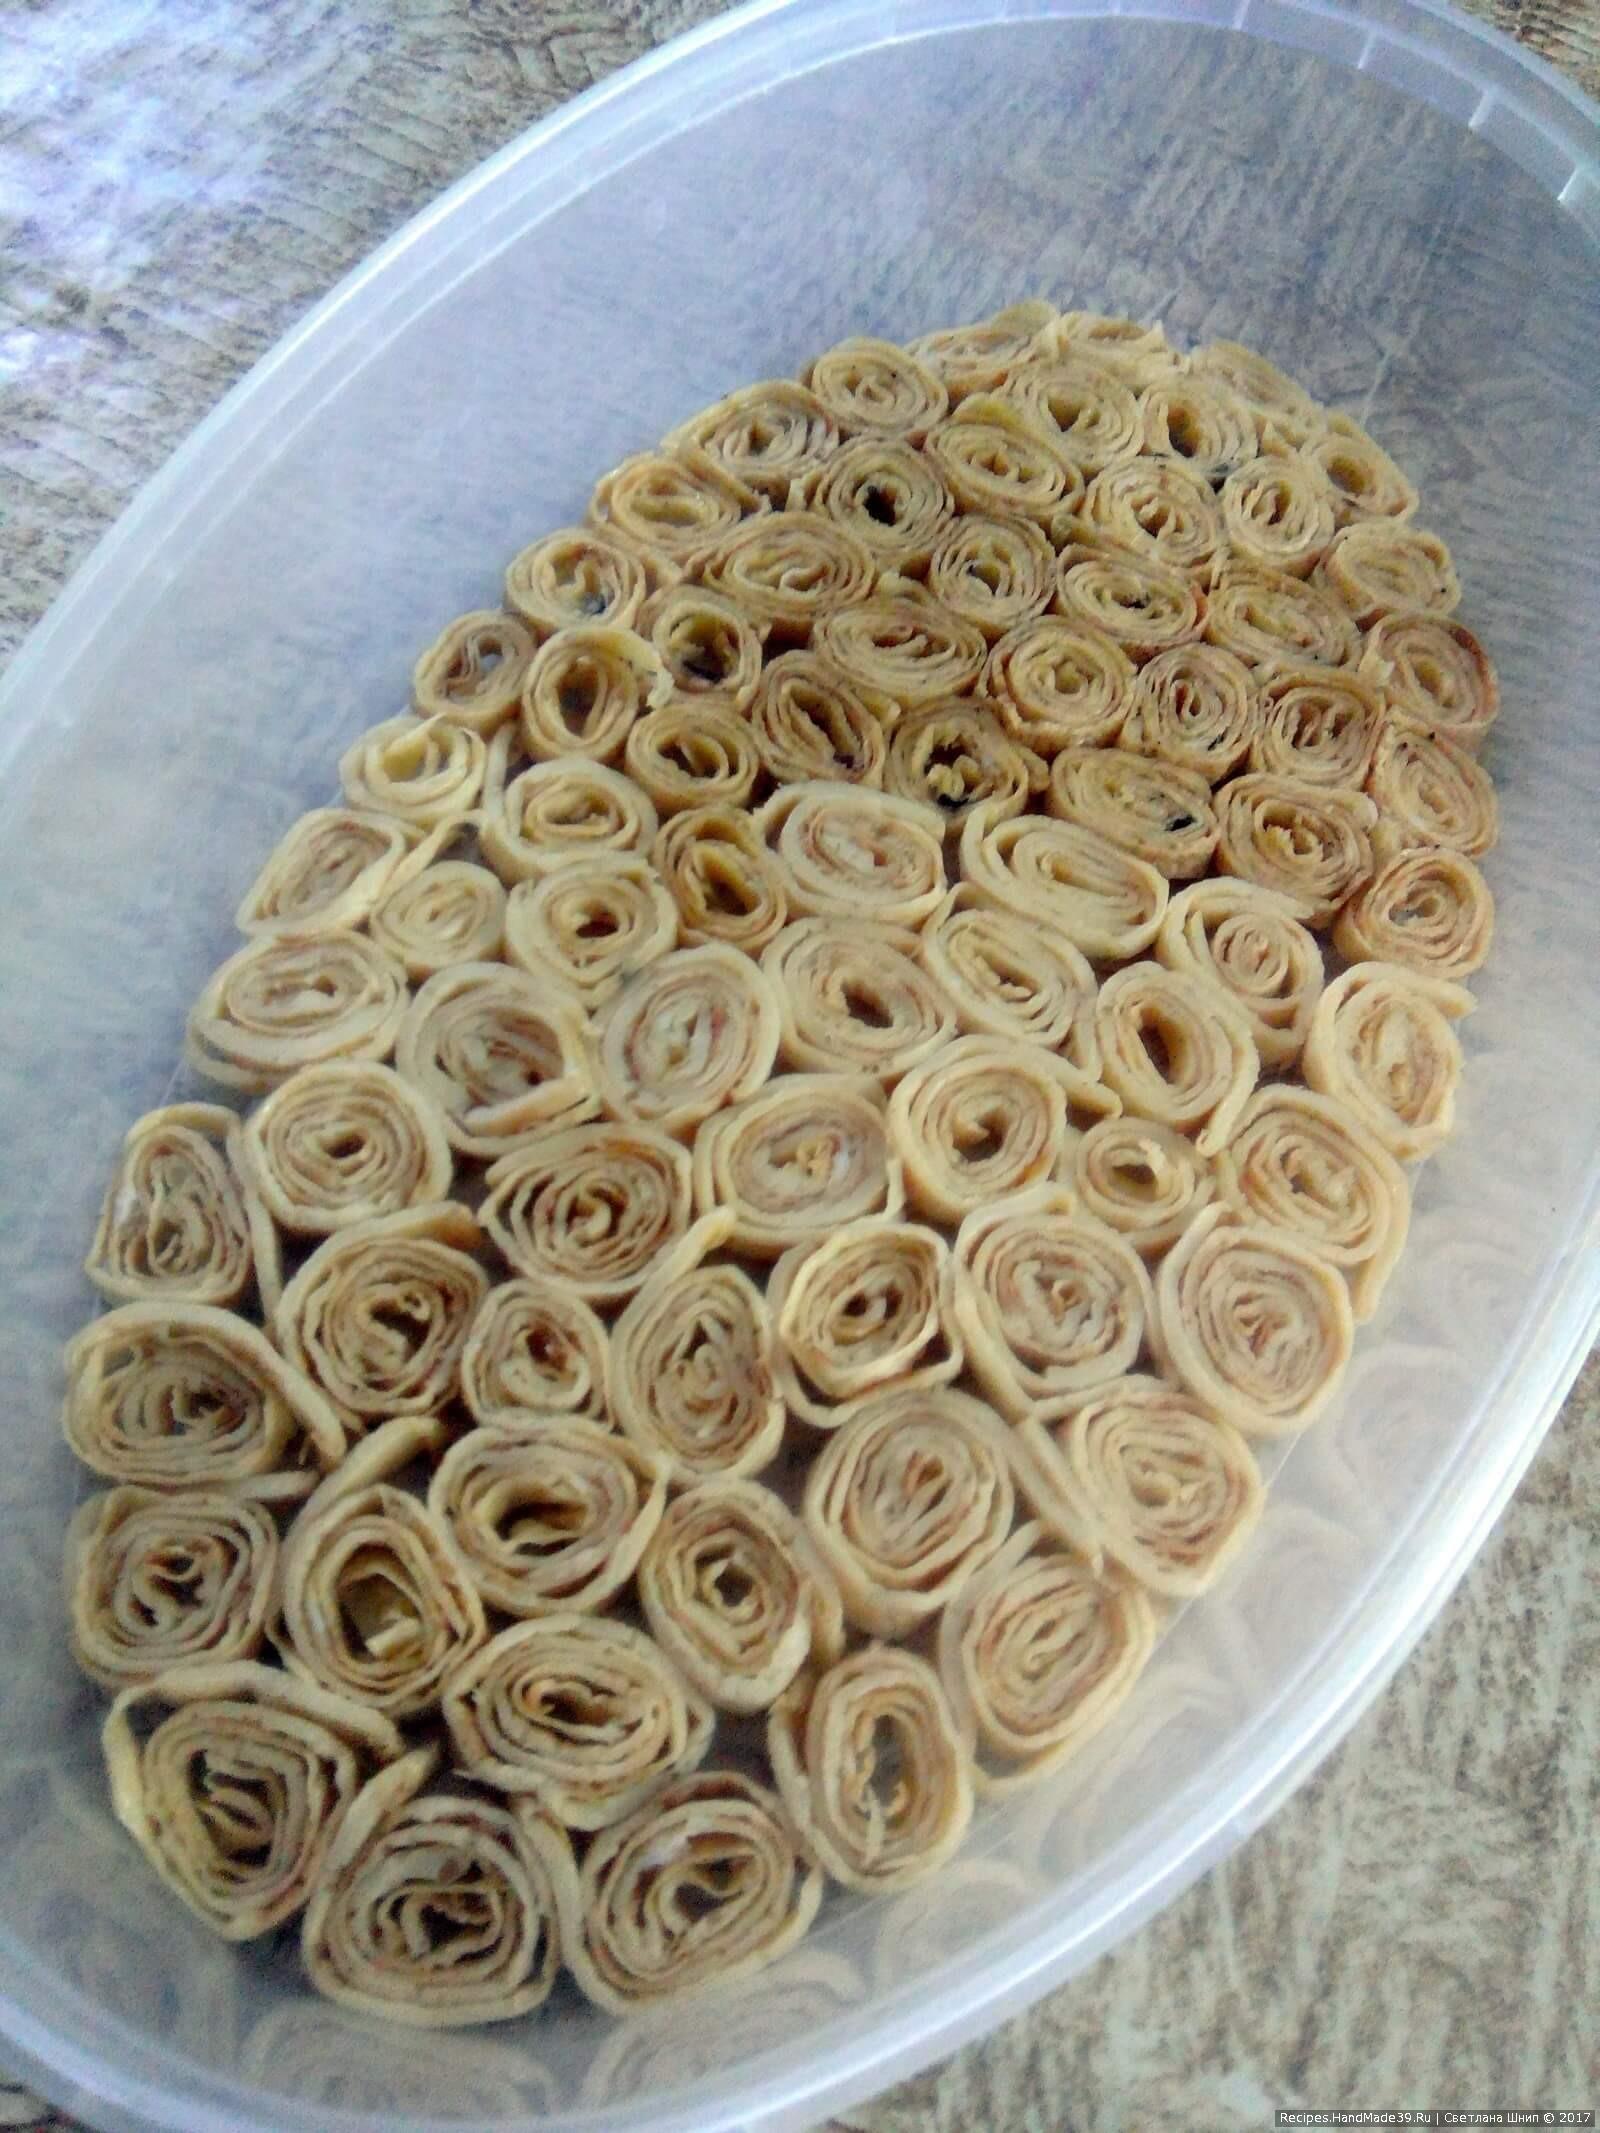 Выложить дно салатника кусочками-рулончиками